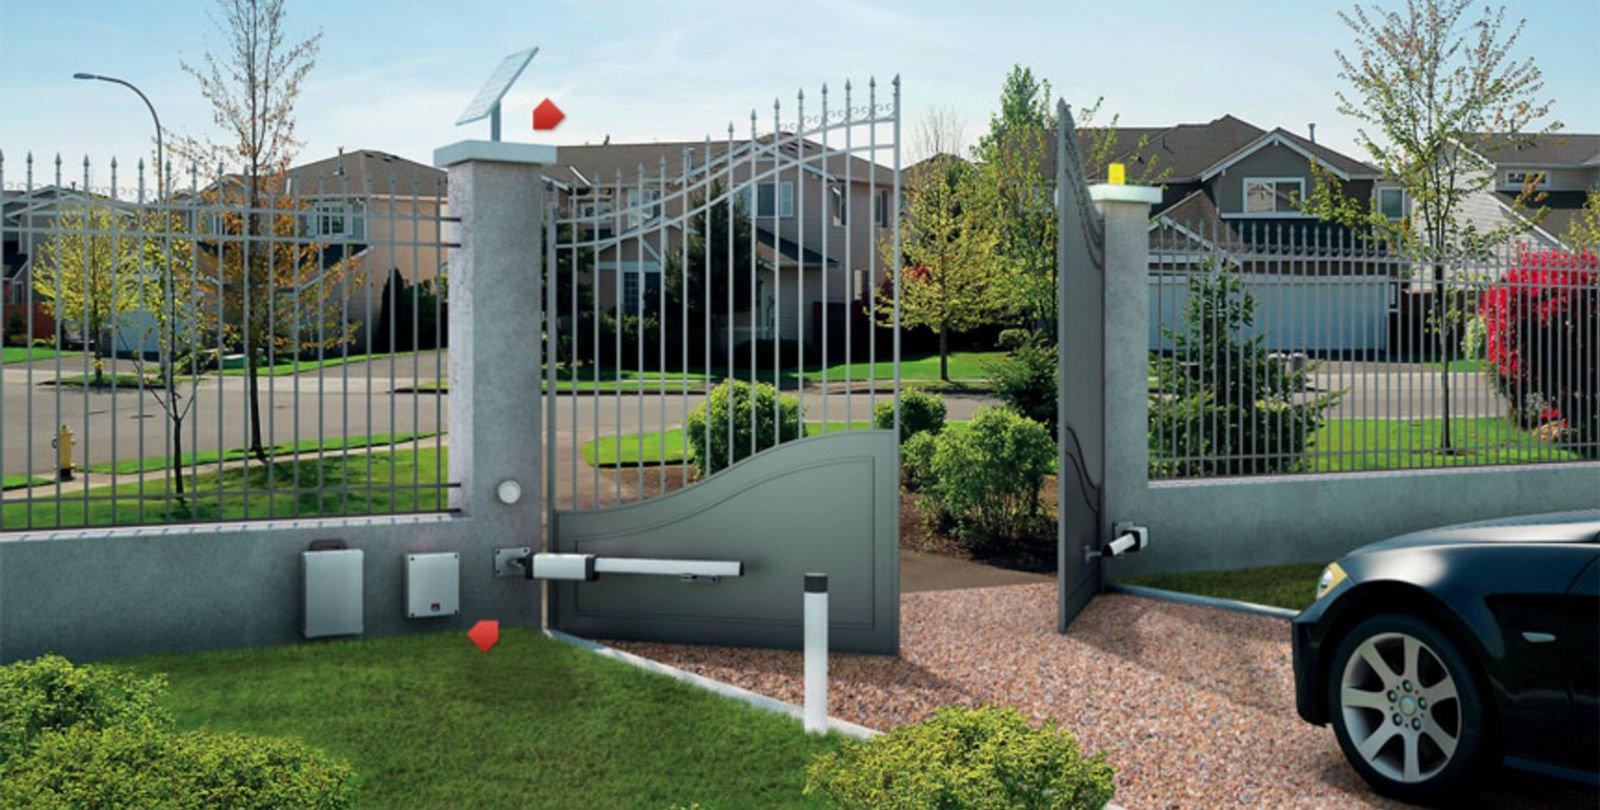 una macchina davanti un cancello automatico di una casa